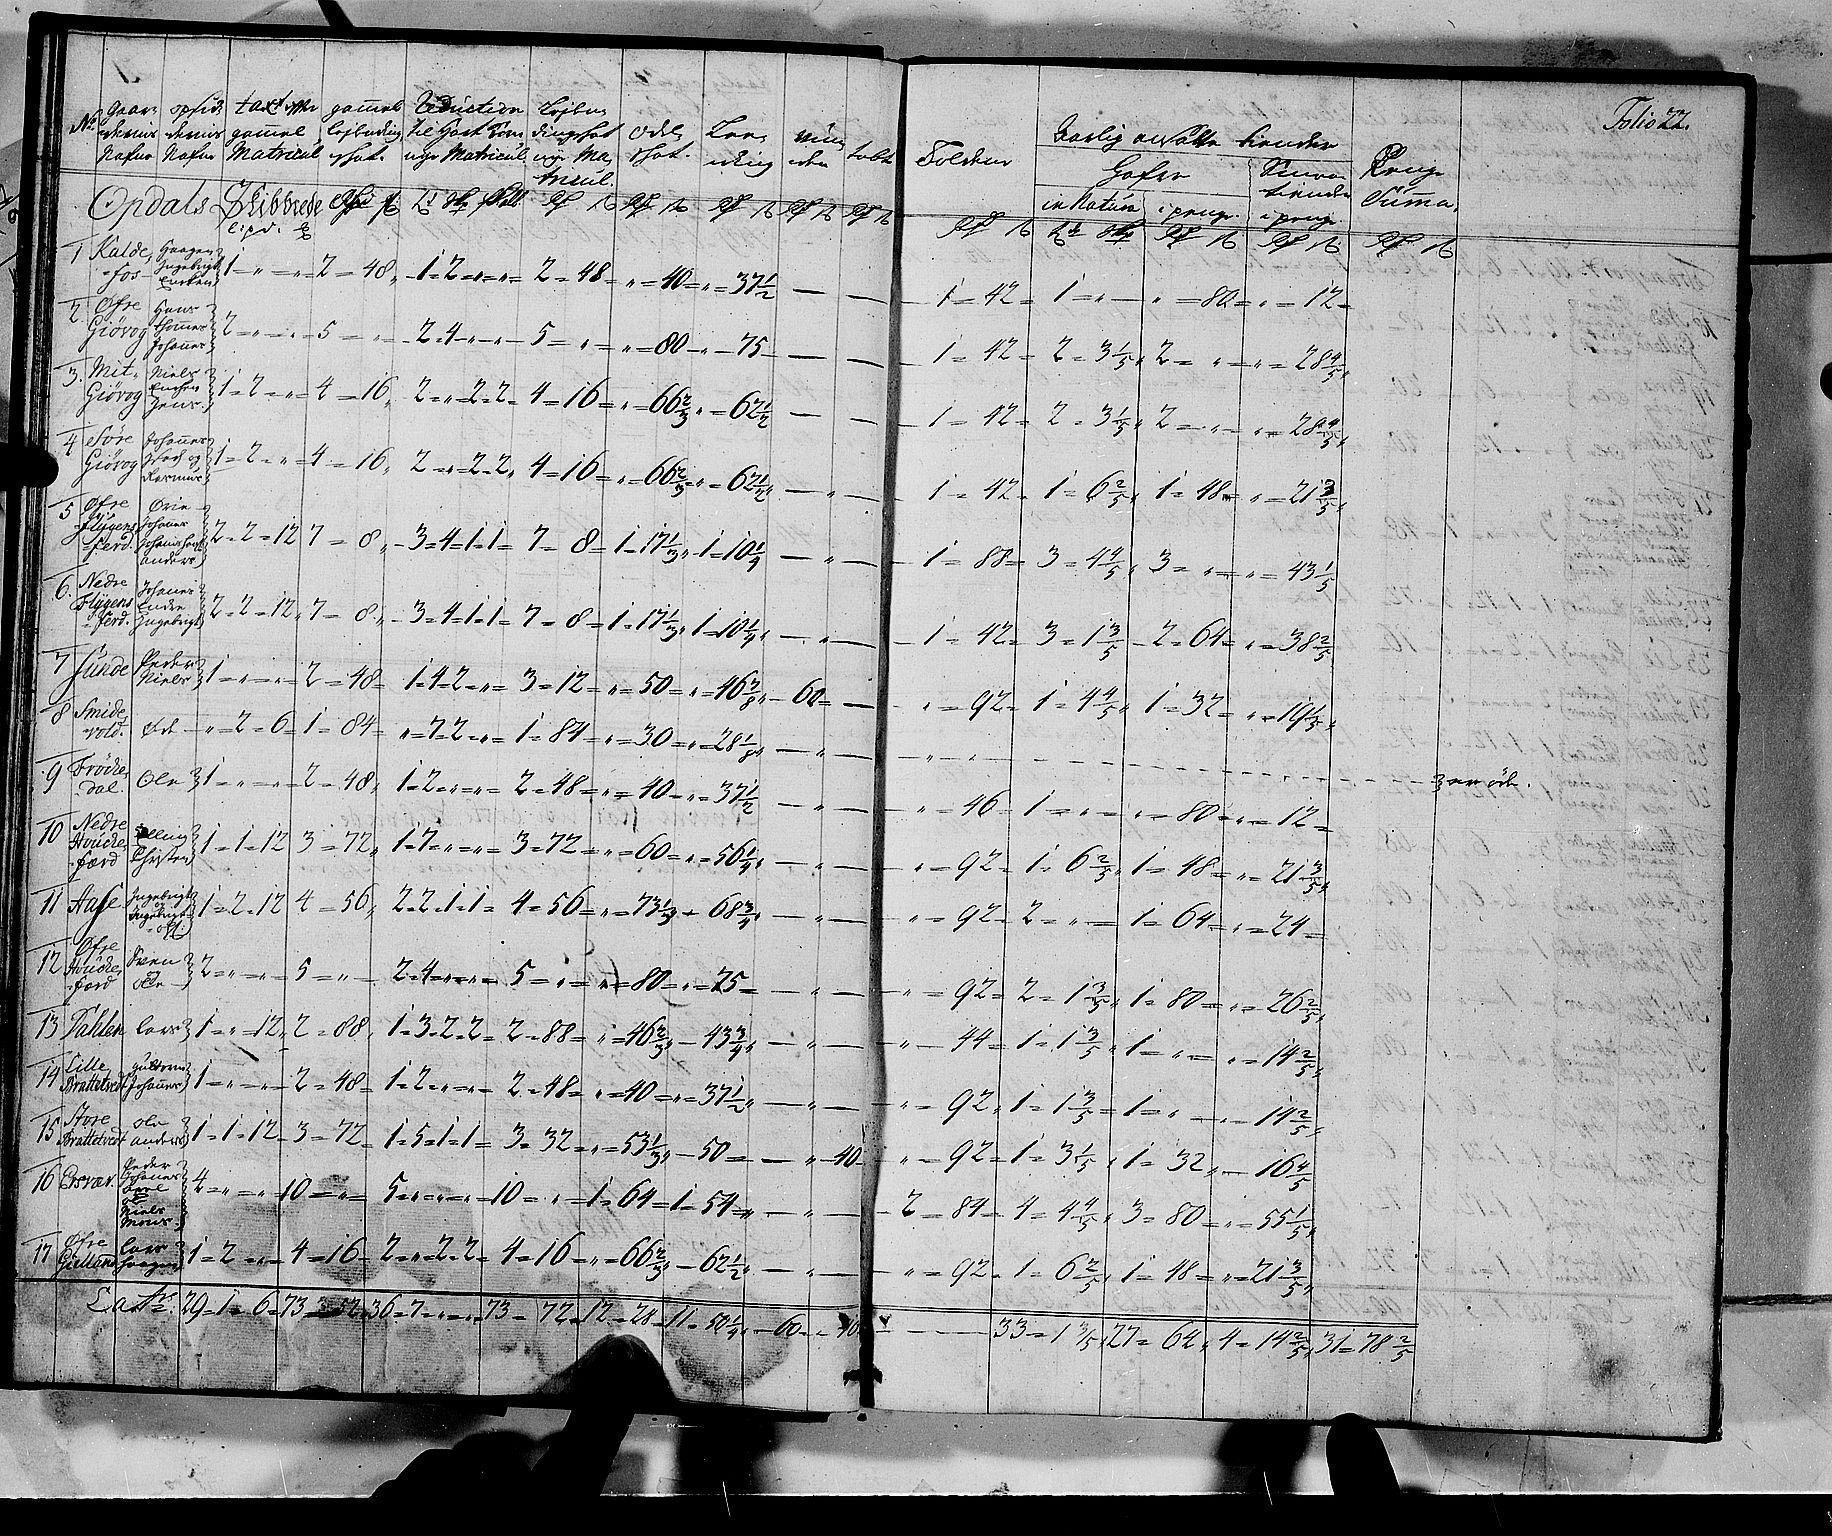 RA, Rentekammeret inntil 1814, Realistisk ordnet avdeling, N/Nb/Nbf/L0135: Sunnhordland matrikkelprotokoll, 1723, s. 21b-22a